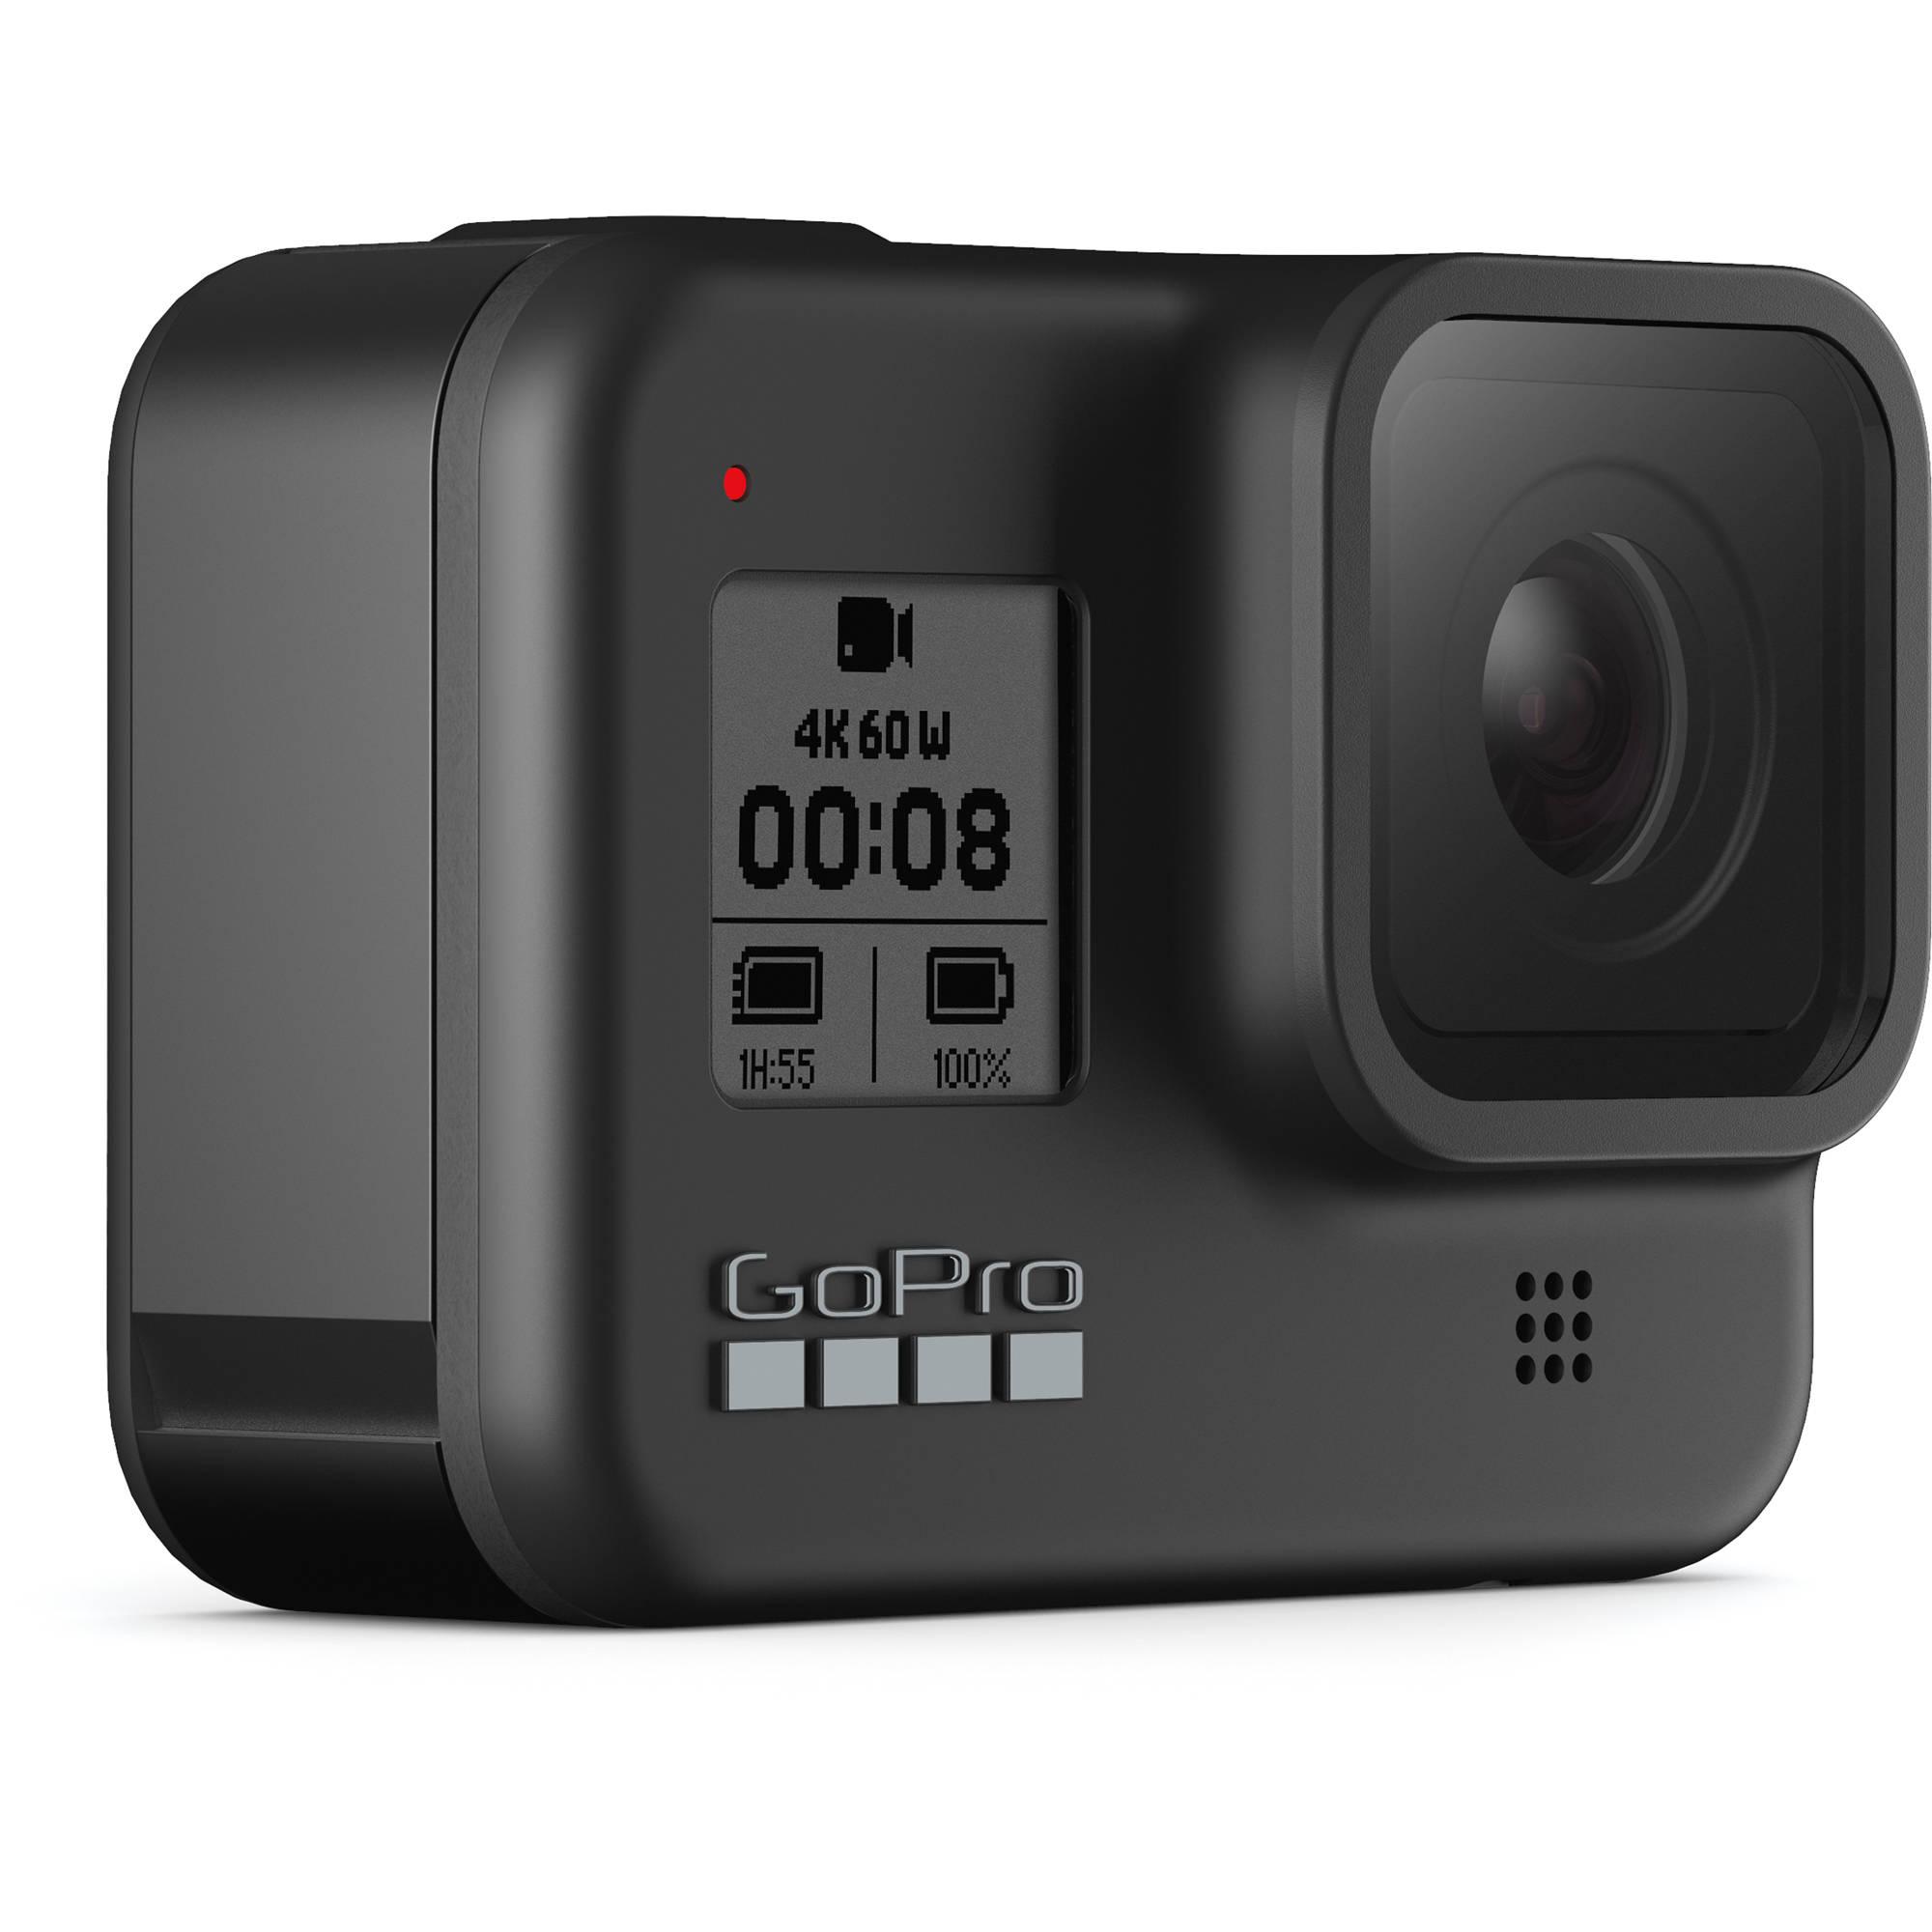 دوربین فیلمبرداری ورزشی گوپرو مدل Hero 8